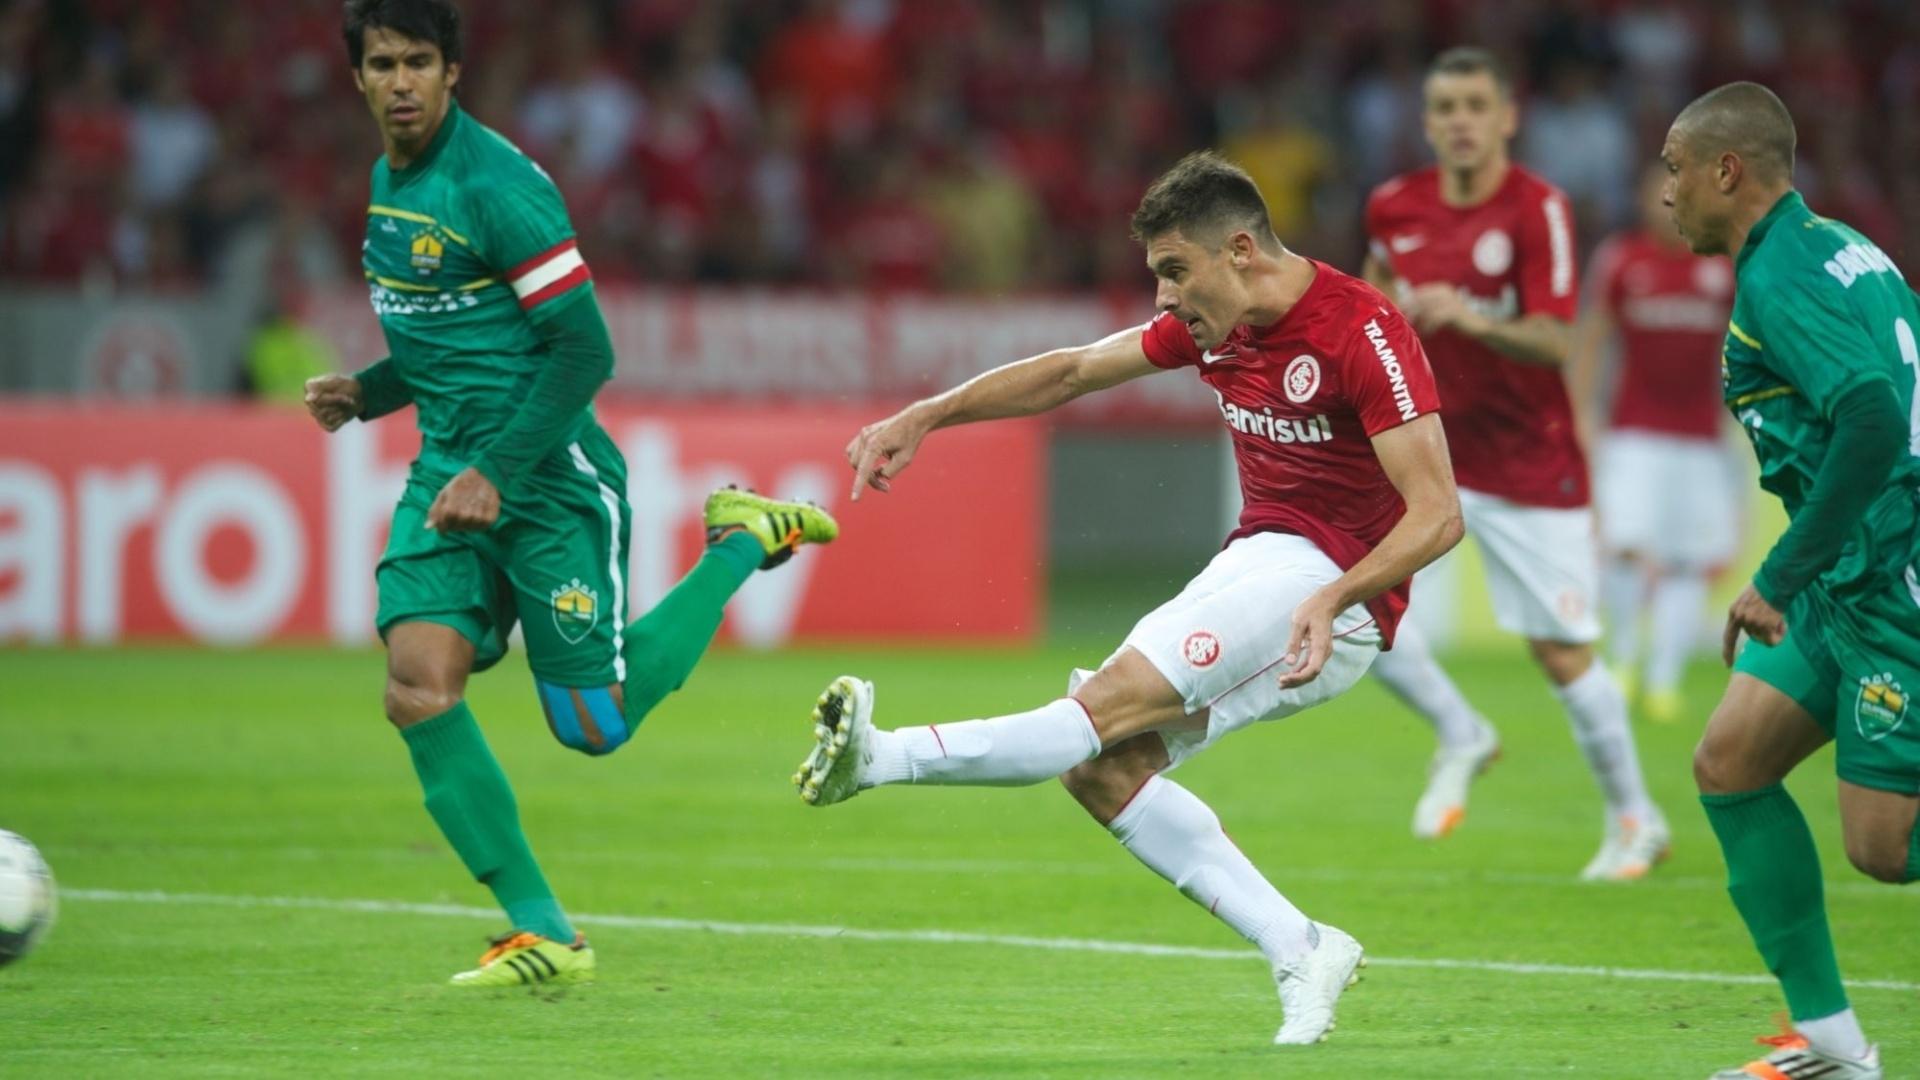 14.05.2014 - Alex chuta para marcar o primeiro gol do Inter contra o Cuiabá no Beira-Rio